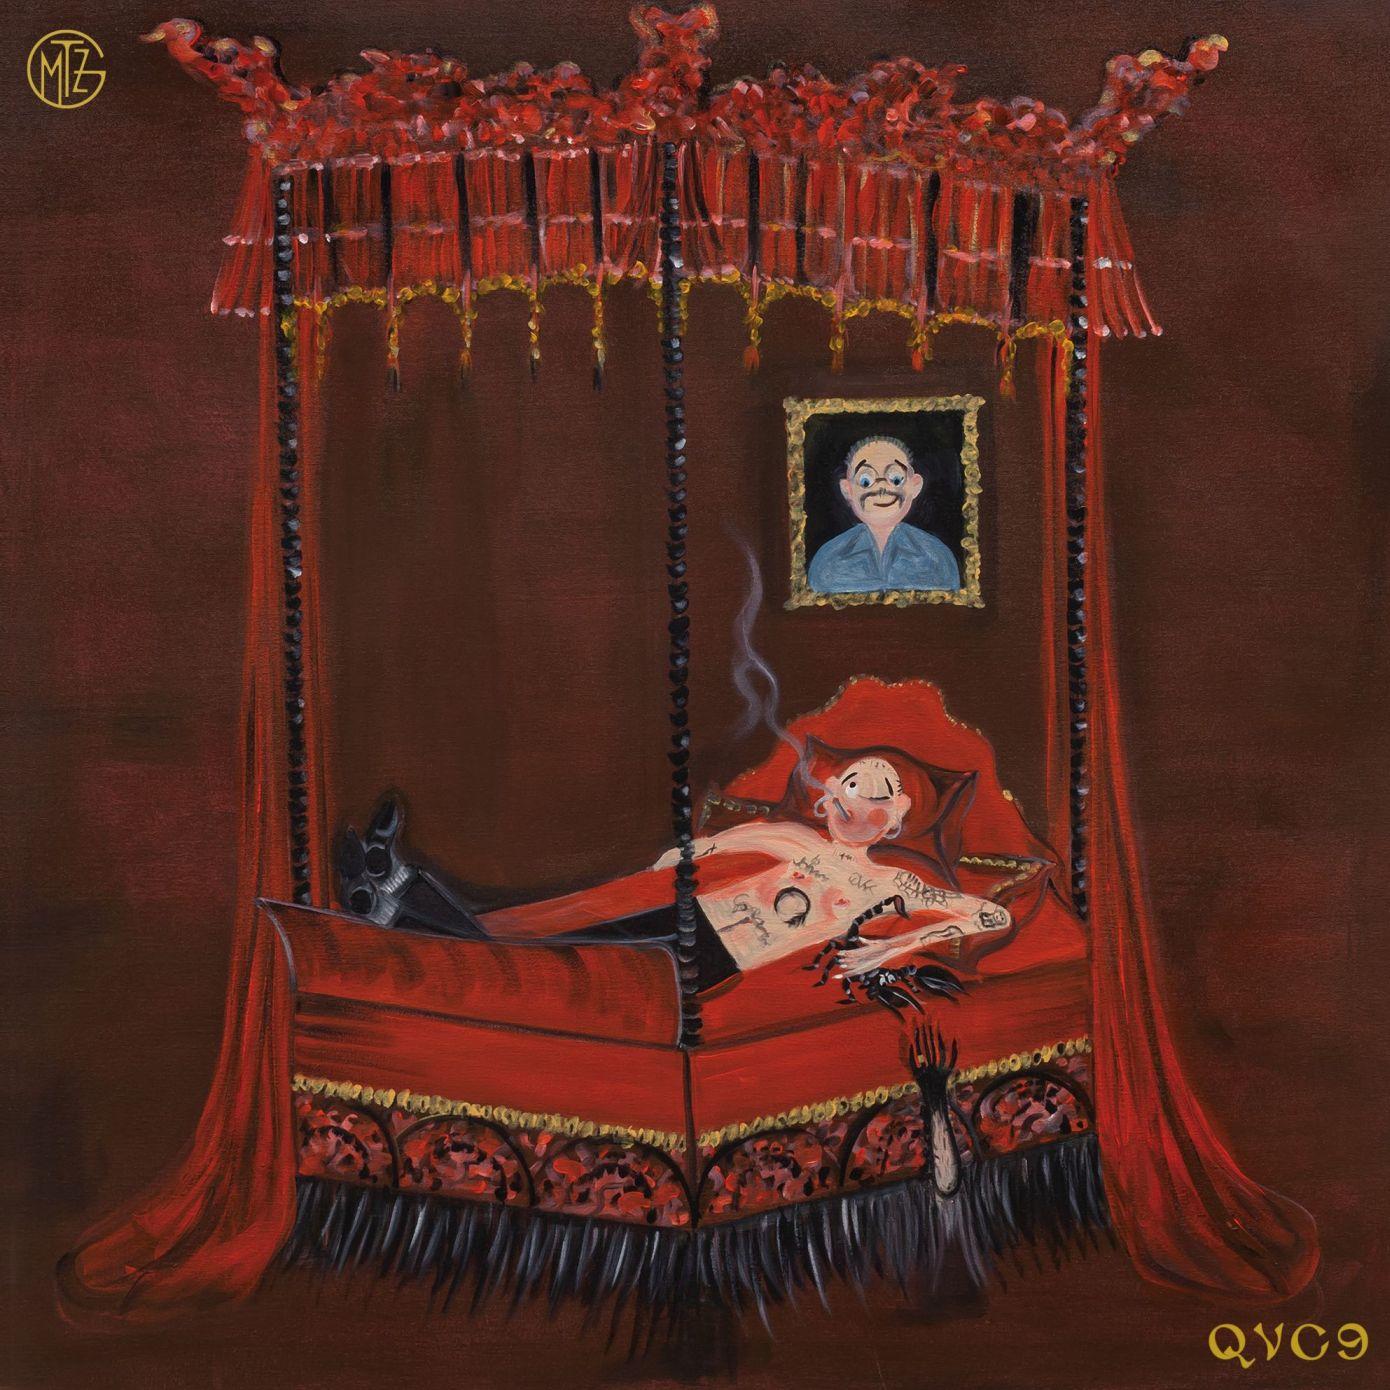 La cover di QVC9 realizzata dalla giovane artista inglese Oh De Laval